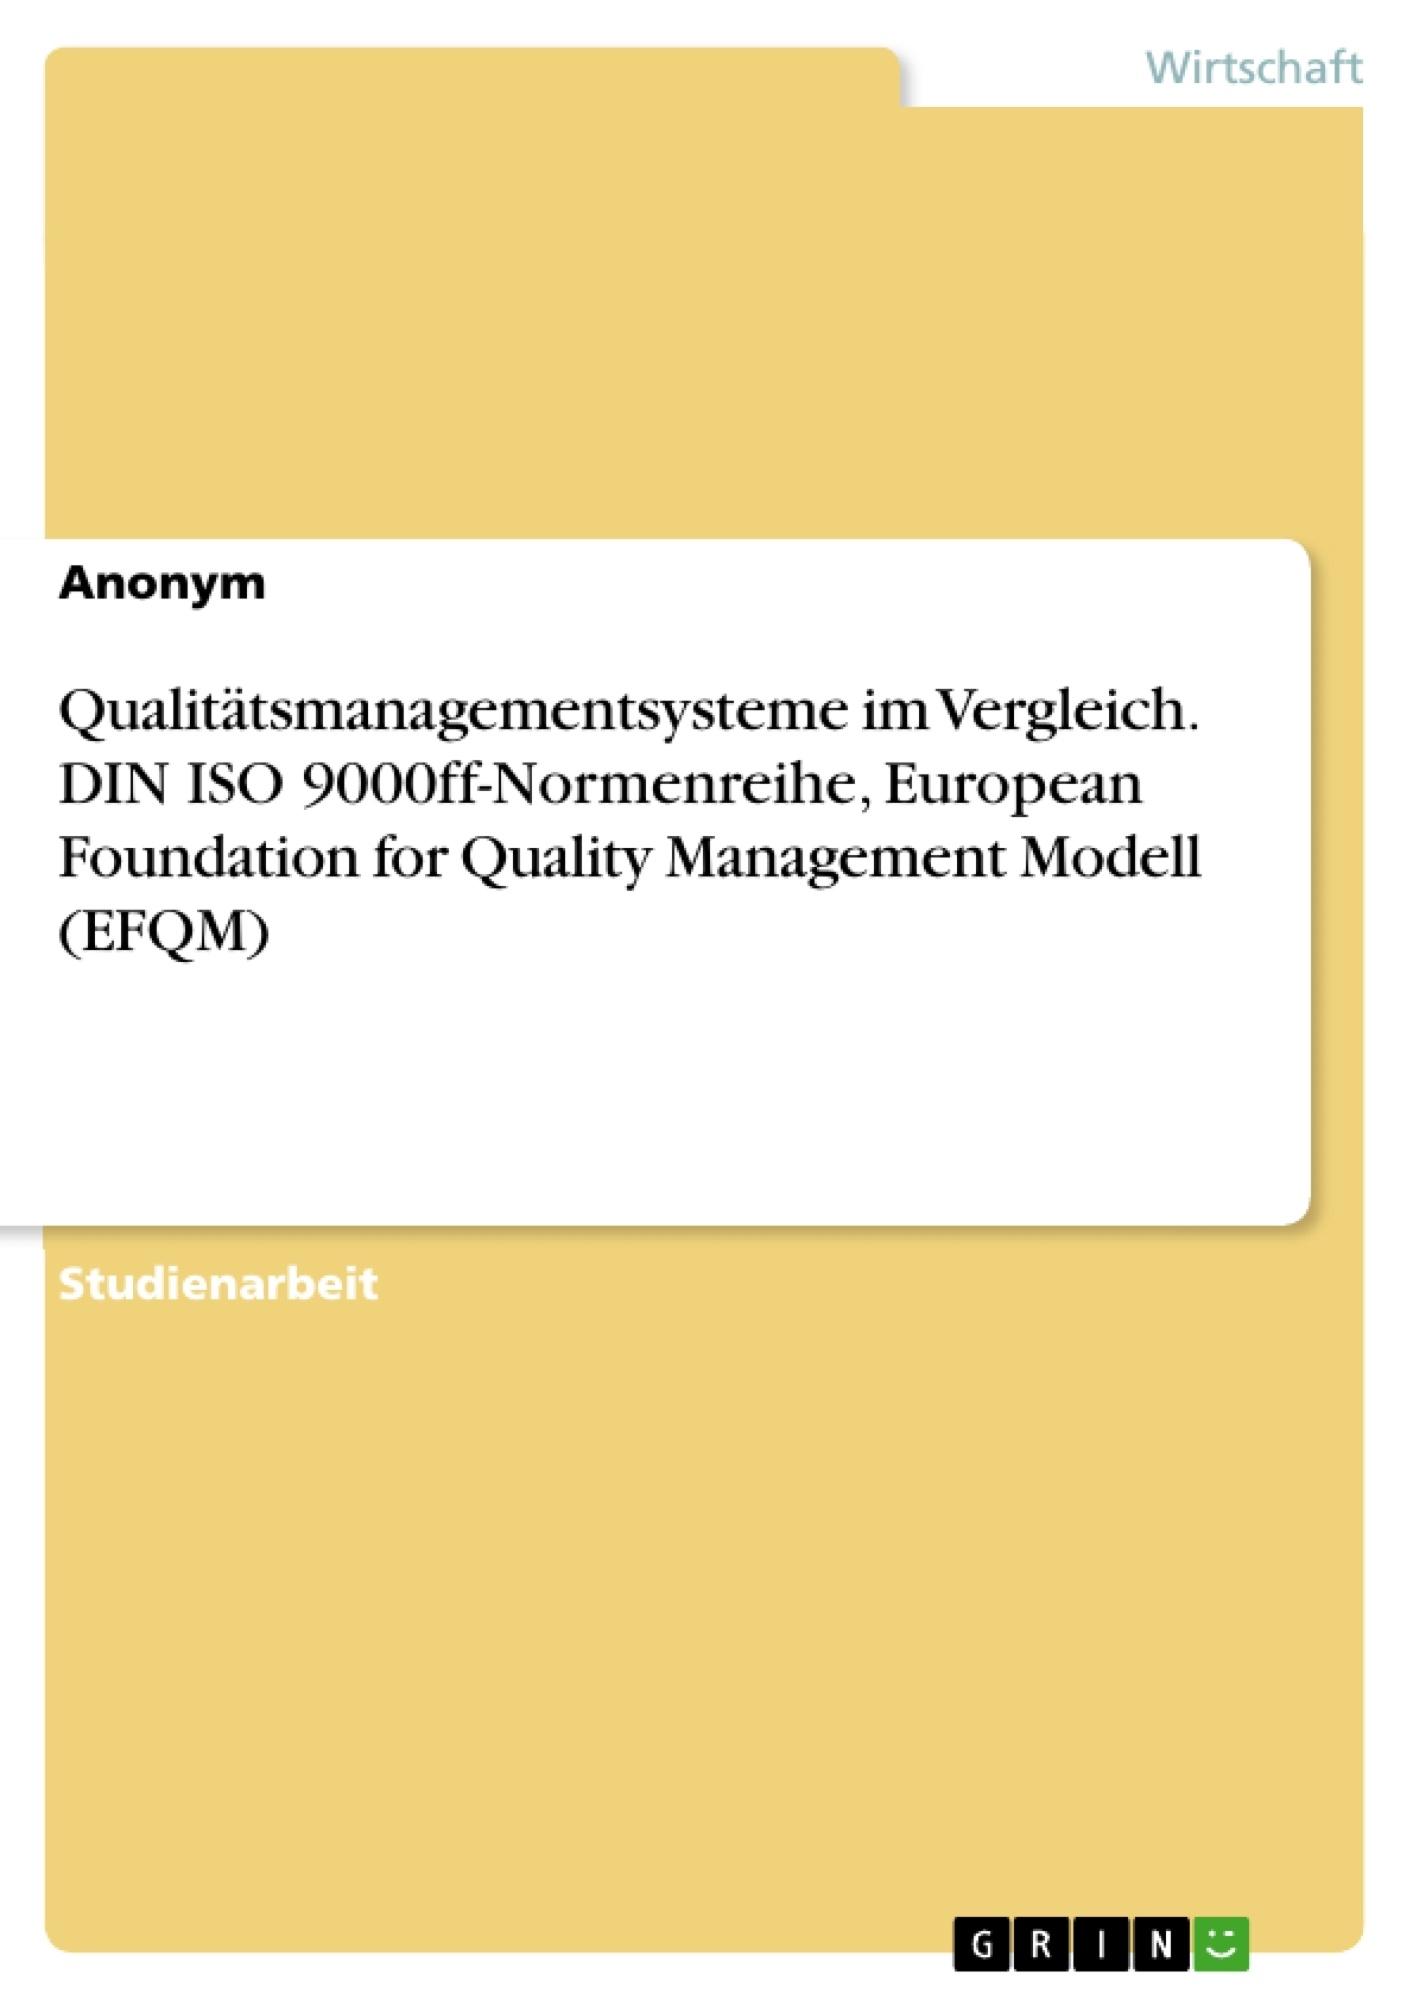 Titel: Qualitätsmanagementsysteme im Vergleich. DIN ISO 9000ff-Normenreihe, European Foundation for Quality Management Modell (EFQM)